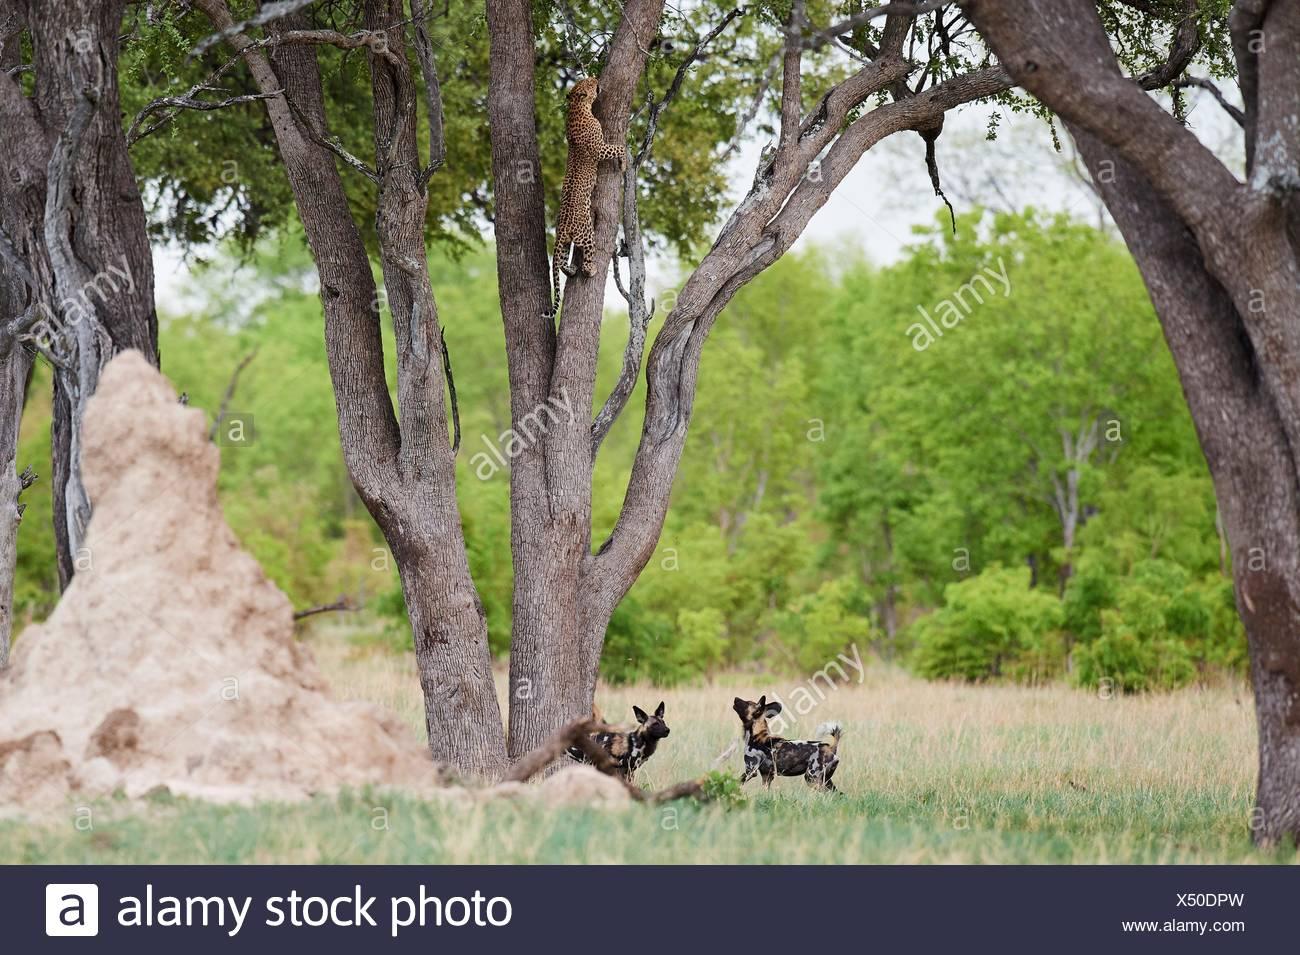 Lycaons (Lycaon pictus) poursuivant un léopard (Panthera pardus) qui grimpe sur un arbre pour se réfugier. Le parc national de Hwange, Zimbabwe. Photo Stock